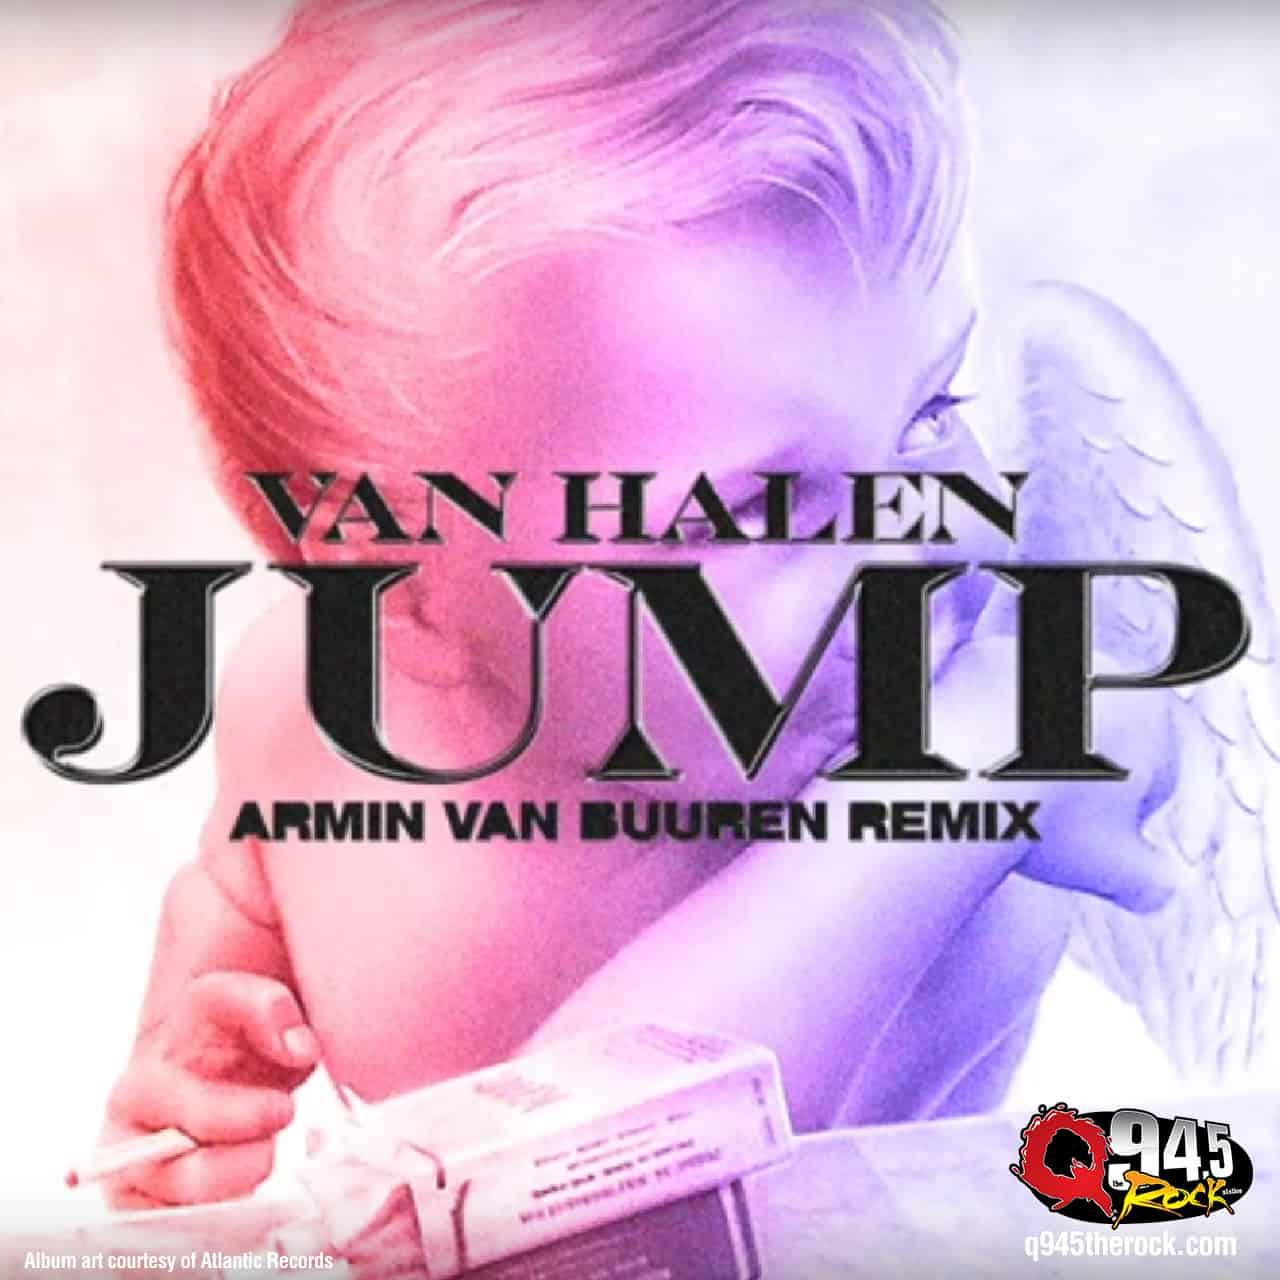 New Music: Van Halen's David Lee Roth And Armin van Buuren Jump In New Direction